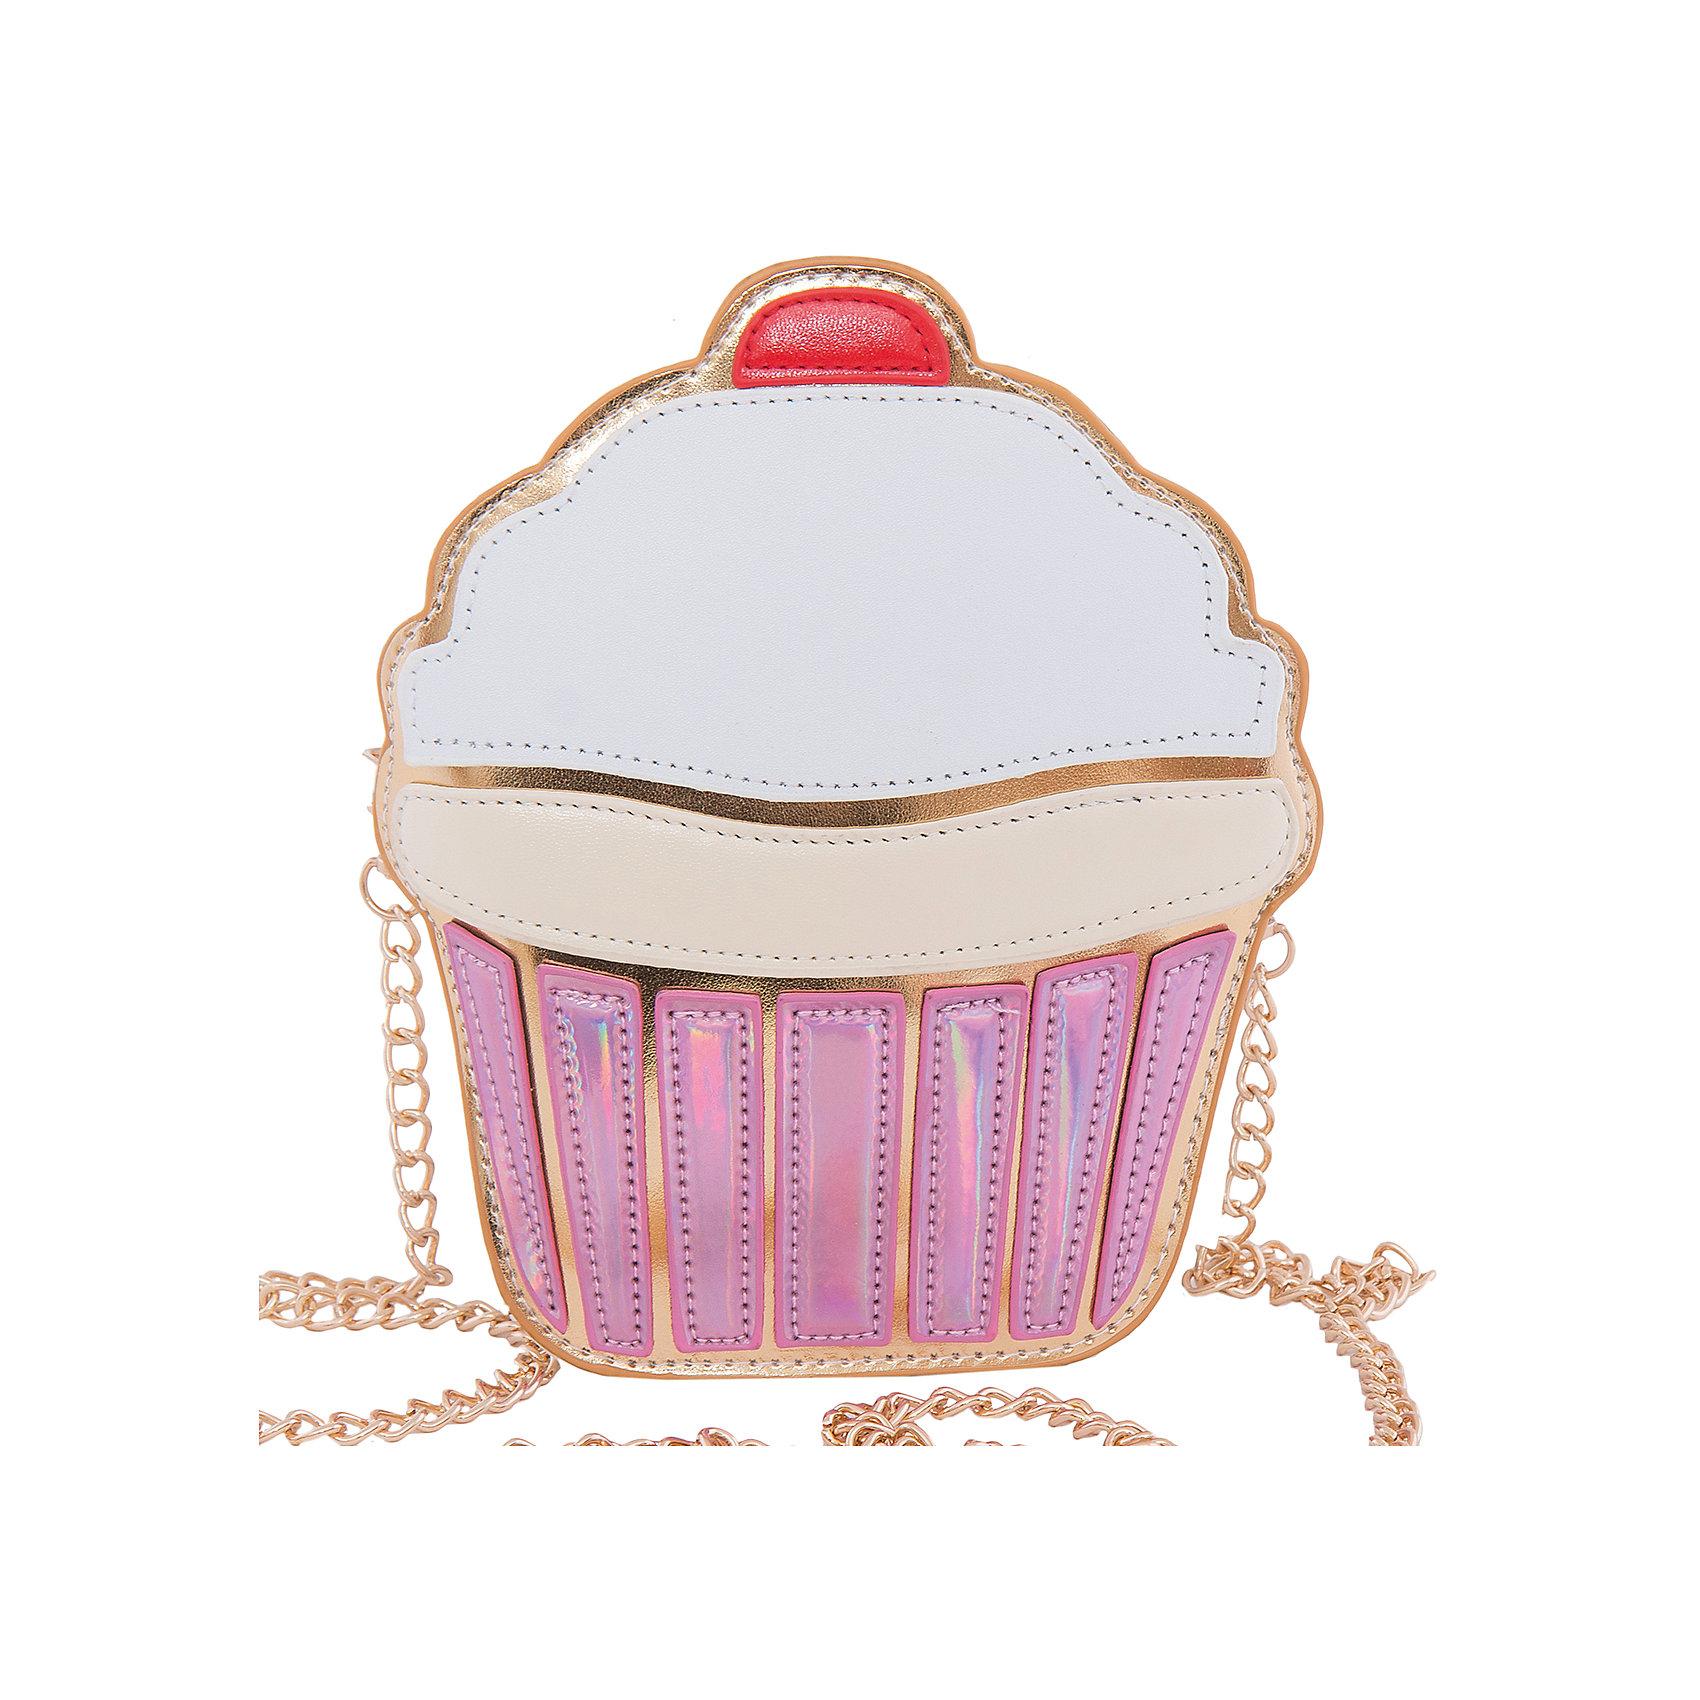 Сумка VITACCIХарактеристики:<br><br>• Тип сумки: вечерняя сумочка<br>• Пол: для девочки<br>• Цвет: белый, розовый<br>• Сезон: весна-лето<br>• Тематика рисунка: десерт<br>• Тип застежки: молния<br>• Съемный ремешок-цепочка<br>• Одно отделение <br>• Материал: верх – искусственная кожа, подклад – текстиль <br>• Габариты: ширина – 16 см, высота – 19 см, глубина – 5 см<br>• Вес: 320 г<br>• Особенности ухода: влажная чистка, сухая чистка<br><br>Сумка VITACCI от лидера российско-итальянского предприятия, которое специализируется на выпуске высококачественной обуви и аксессуаров как для взрослых, так и для детей. Детские сумки этого торгового бренда изготавливаются с учетом анатомических особенностей детей и имеют эргономичную форму. Форма и дизайн сумок разрабатывается итальянскими ведущими дизайнерами и отражает новейшие тенденции в мире моды. Особенность этого торгового бренда заключается в эксклюзивном сочетании материалов разных фактур и декорирование изделий стильными аксессуарами. <br><br>Сумка VITACCI изготовлена из экологически безопасной искусственной кожи. Имеет одно просторное отделение. Съемный плечевой ремешок изготовлен из цепочки золотистого цвета. Сумка выполнена в оригинальном дизайне: Передняя часть сумки имитирует пирожное капкейк с белой глазурью. <br>Сумка VITACCI – это стильный аксессуар, который создаст неповторимый праздничный образ вашей девочки! <br><br>Сумку VITACCI можно купить в нашем интернет-магазине.<br><br>Ширина мм: 170<br>Глубина мм: 157<br>Высота мм: 67<br>Вес г: 117<br>Цвет: розовый<br>Возраст от месяцев: 36<br>Возраст до месяцев: 144<br>Пол: Женский<br>Возраст: Детский<br>Размер: one size<br>SKU: 5347515